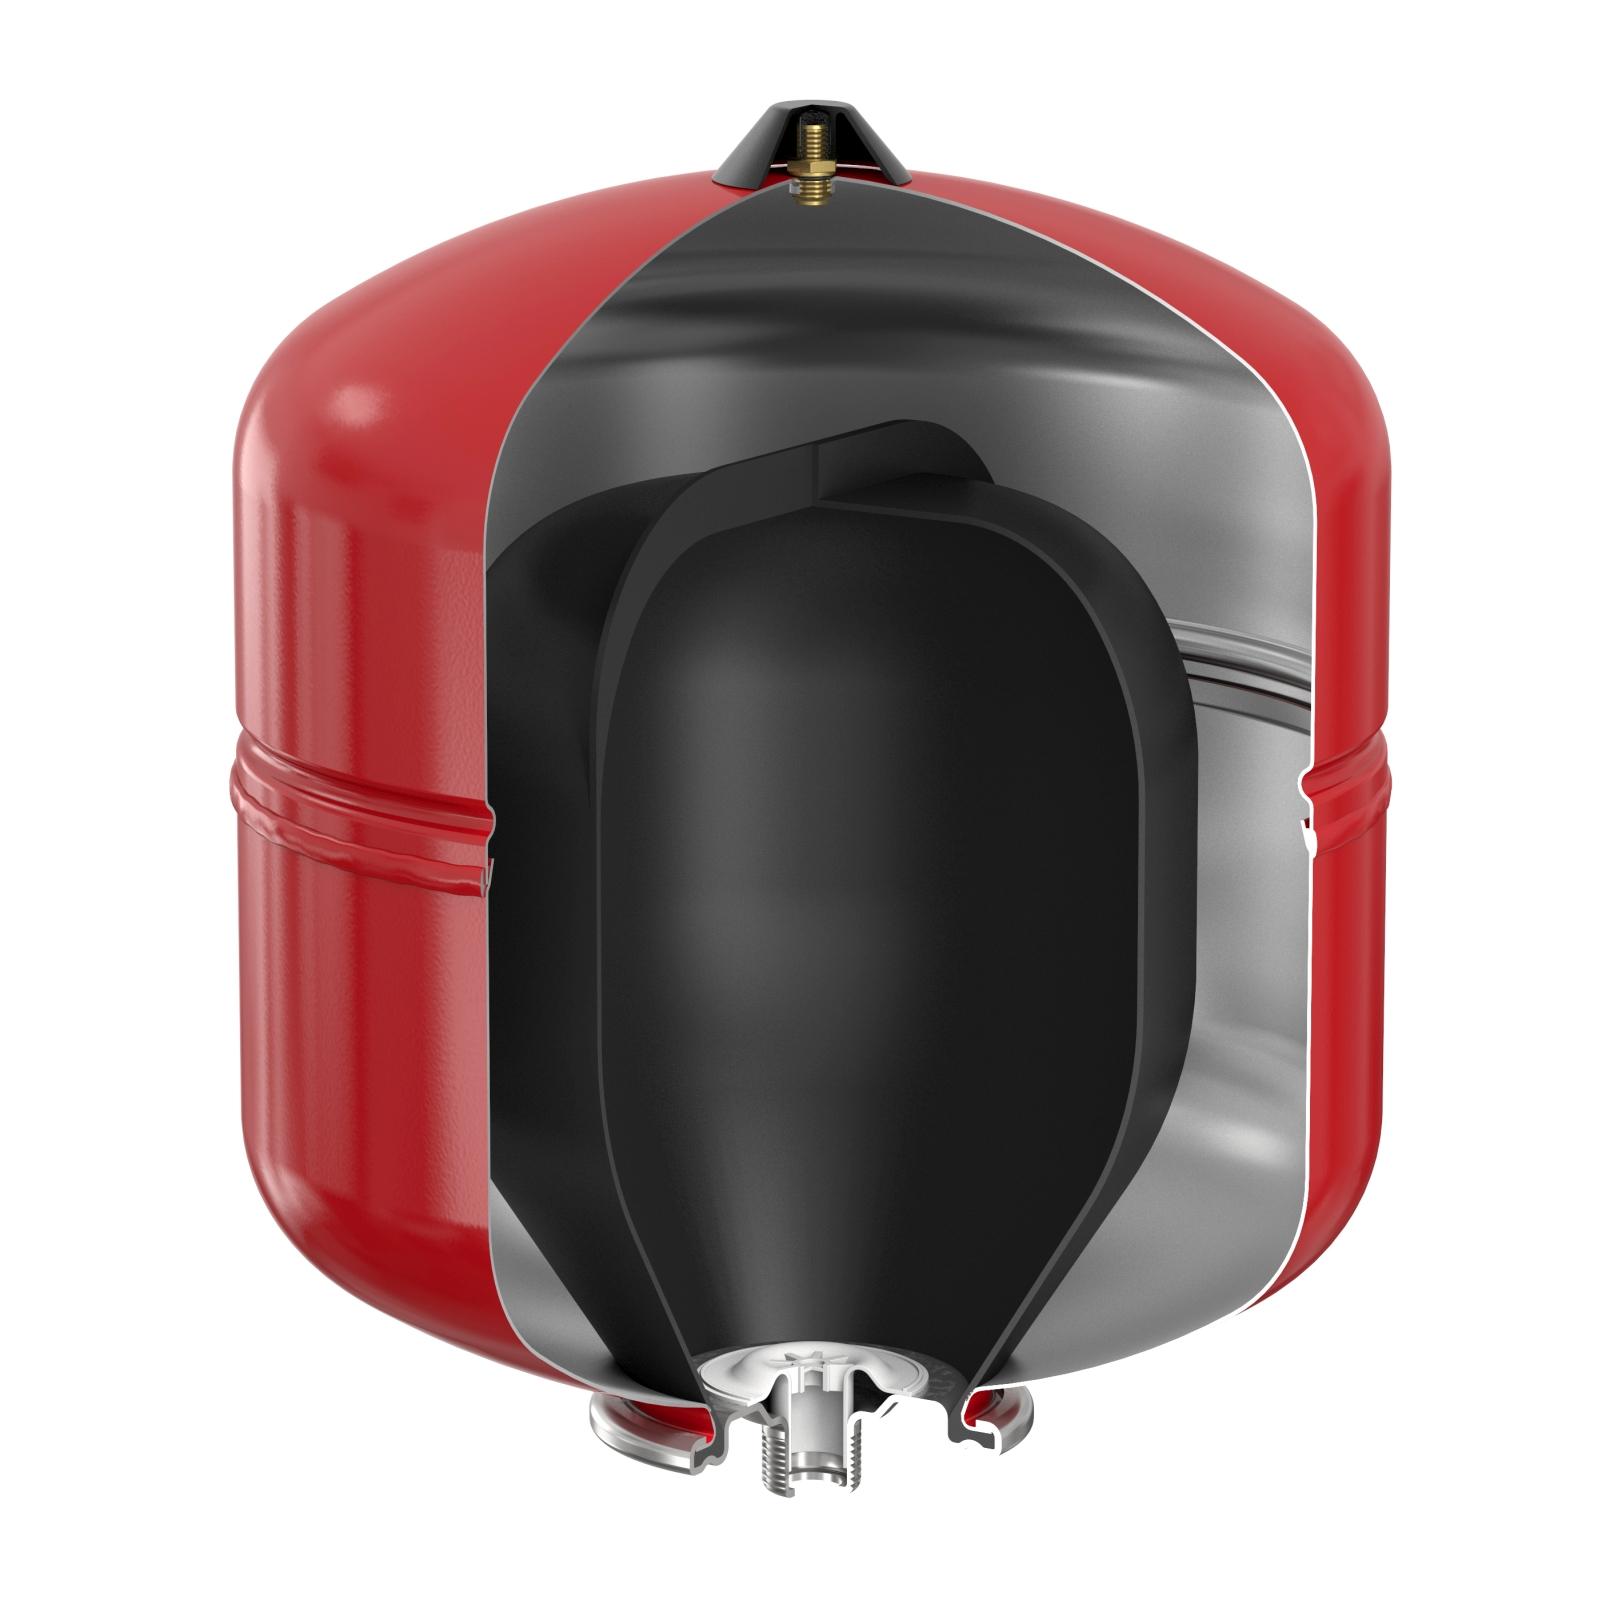 Flamco Baseflex fűtési tágulási tartály 35/1,5 bar álló (25305) robbantott ábra